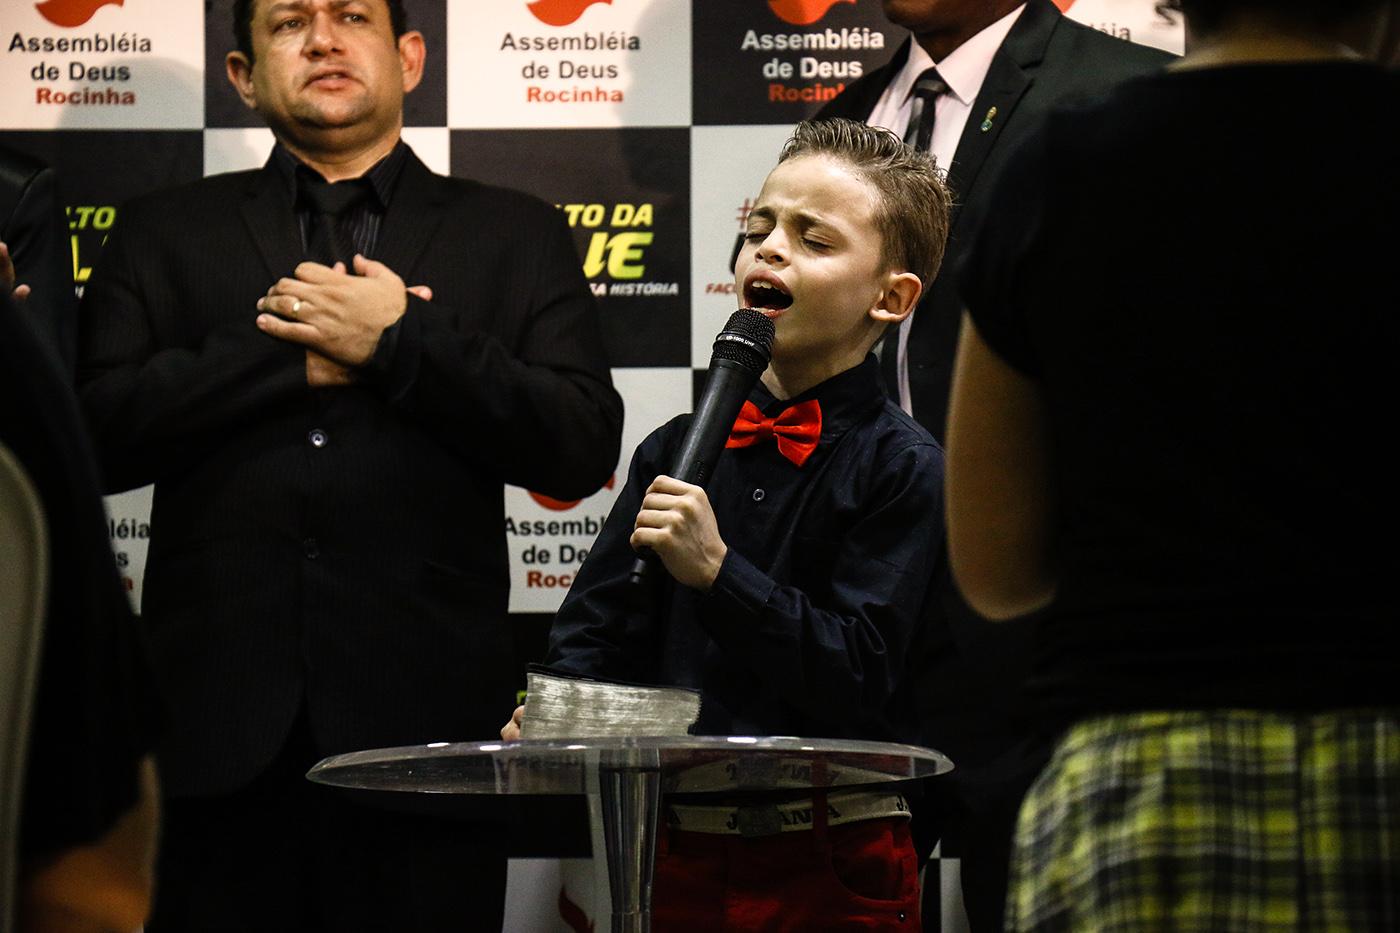 João Vitor Ota, 9 ans, lors de son prêche au Culto da Laje.  (photo Collectif Singulier/8e étage)